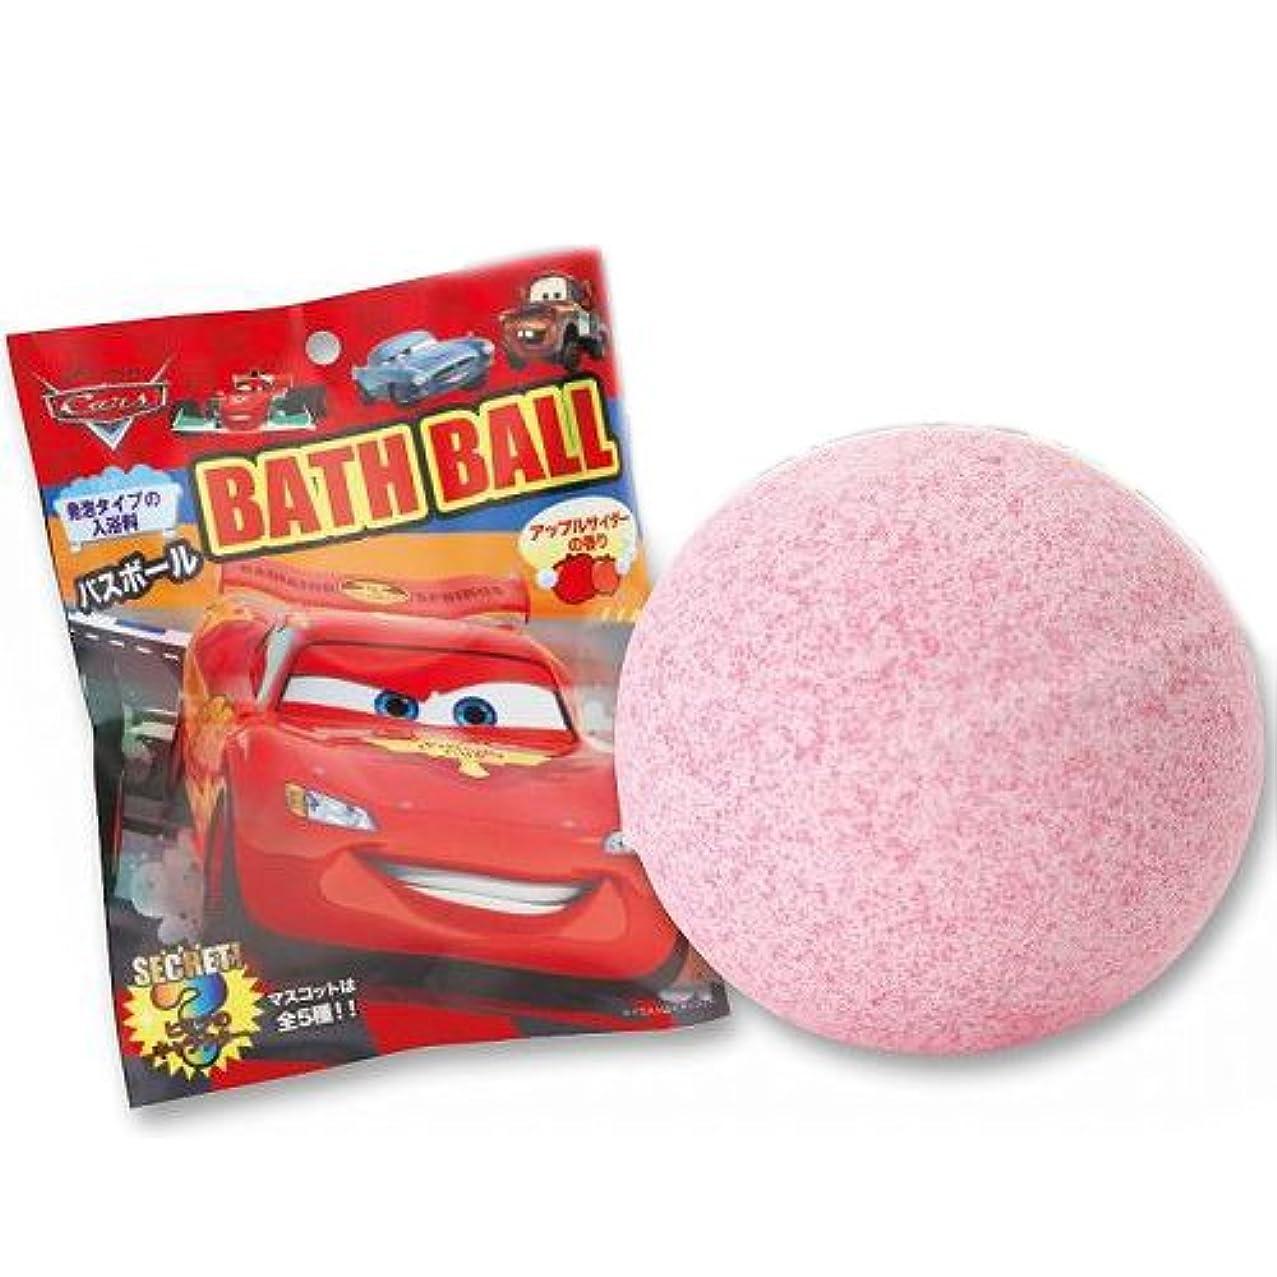 最近神聖発表するカーズ バスボール 入浴剤 CARS マスコットフィズ バスフィズ おもちゃ グッズ コレクション 12937【即日?翌日発送】